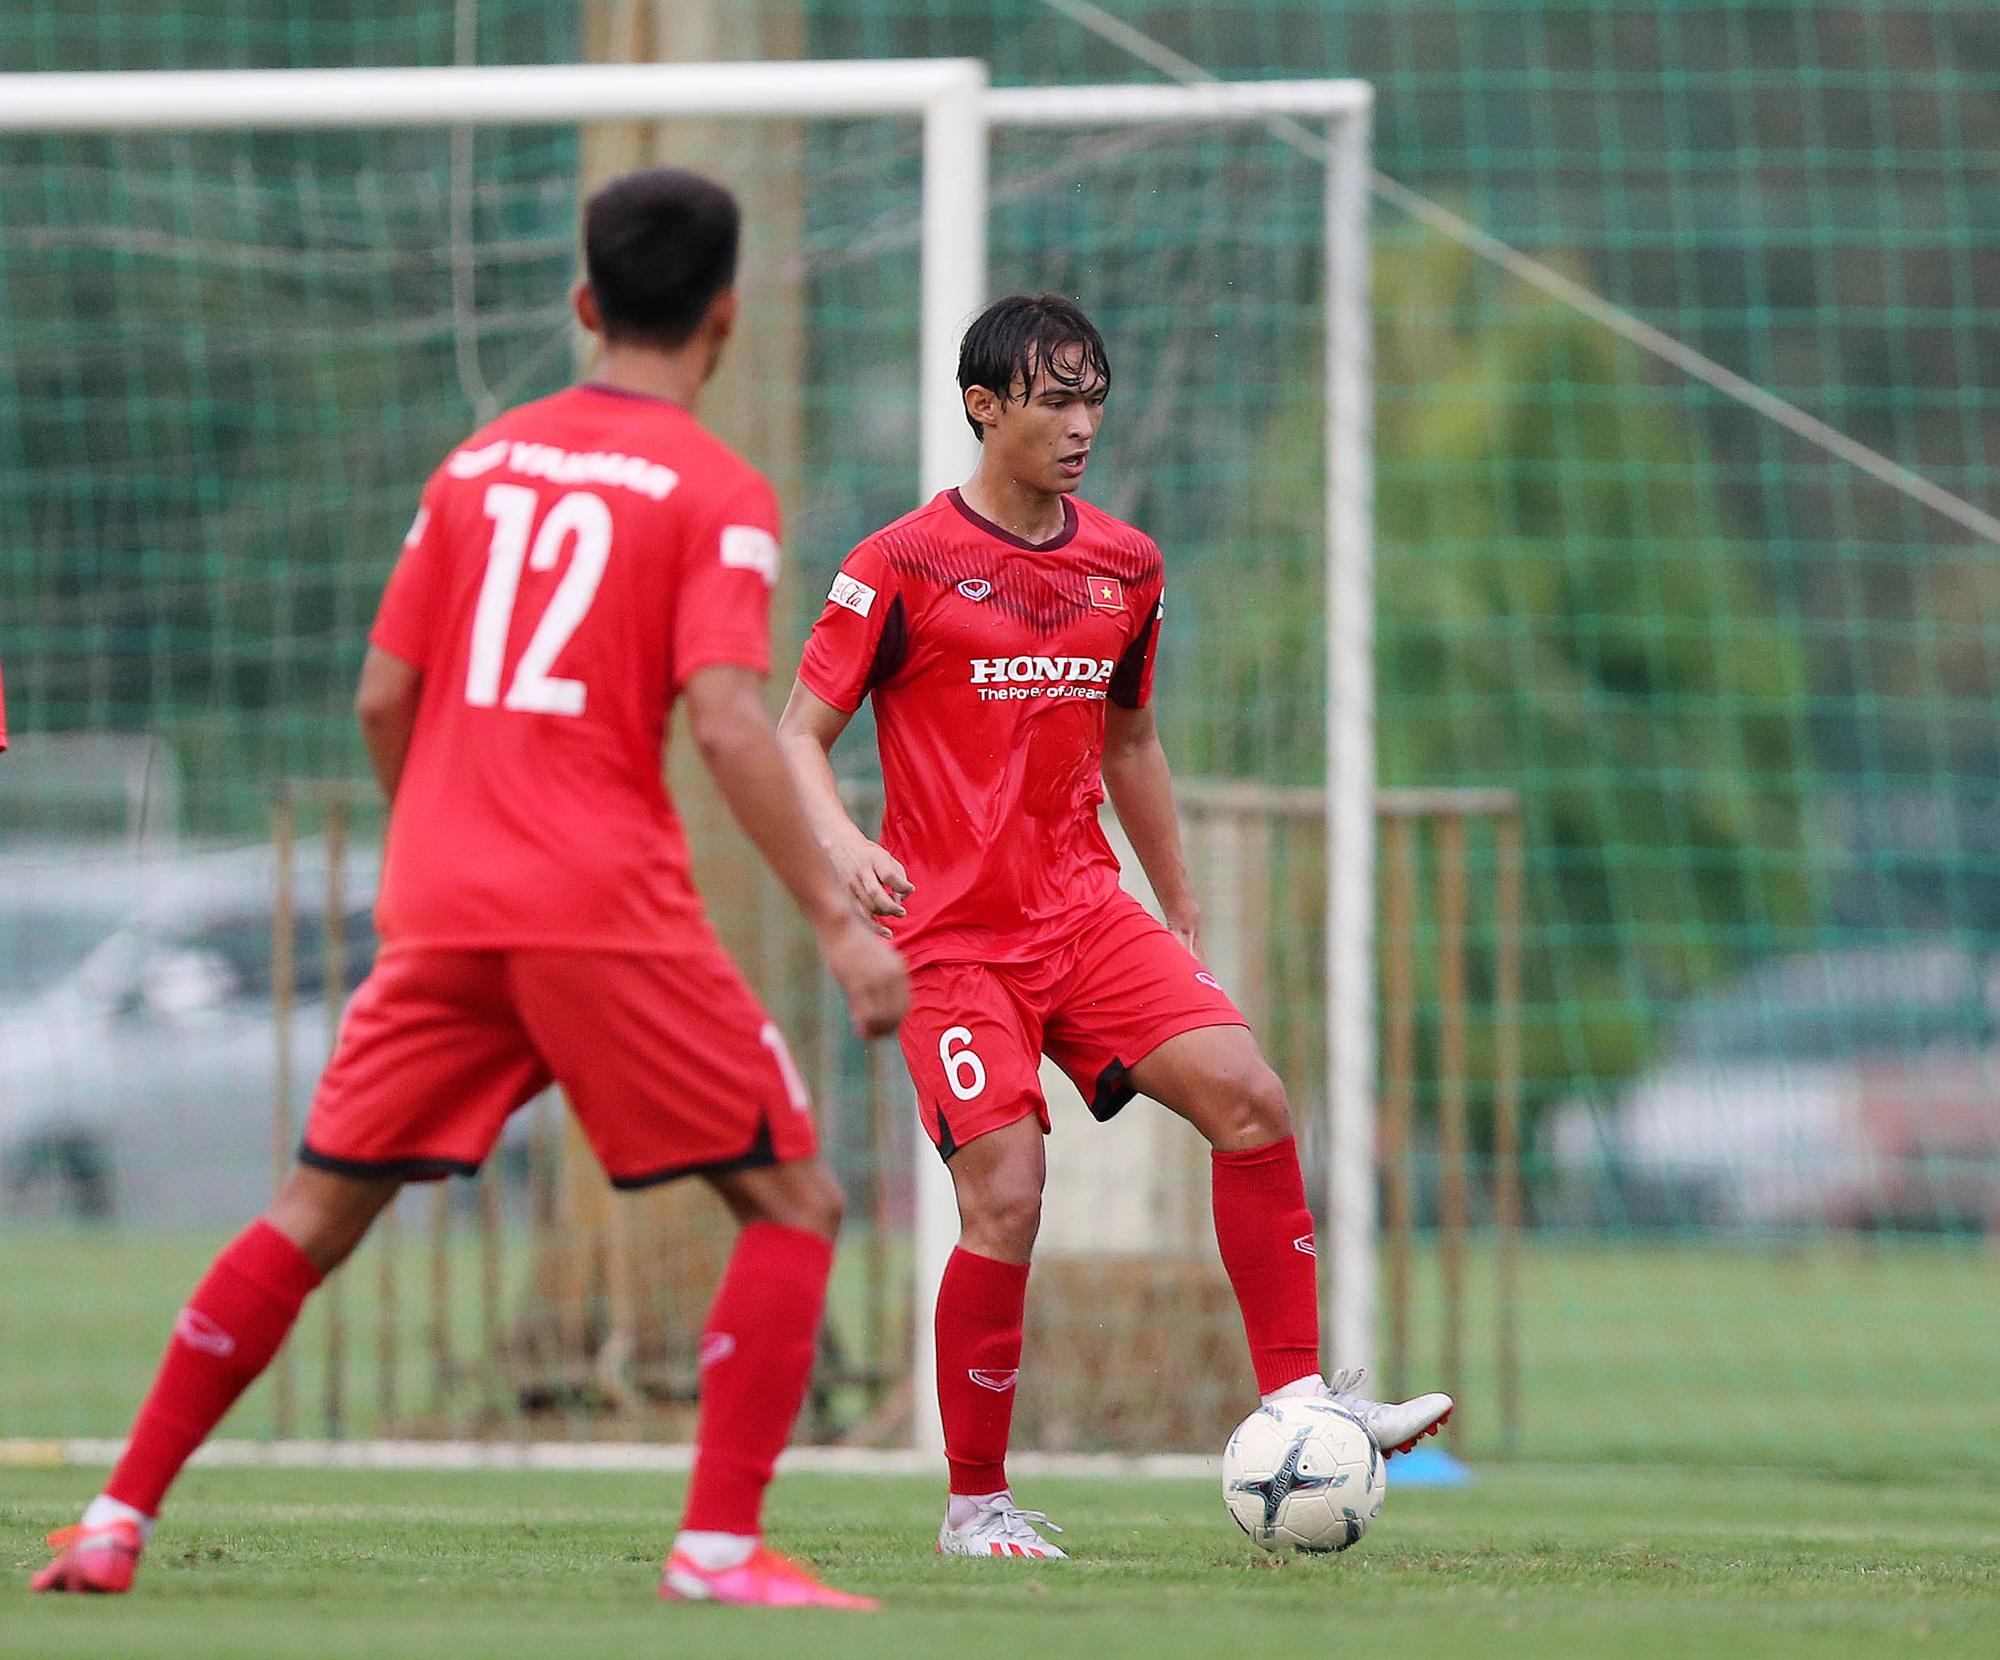 HLV Park Hang-seo bày tỏ nỗi nhớ 5 ngôi sao bóng đá Việt Nam - Ảnh 1.